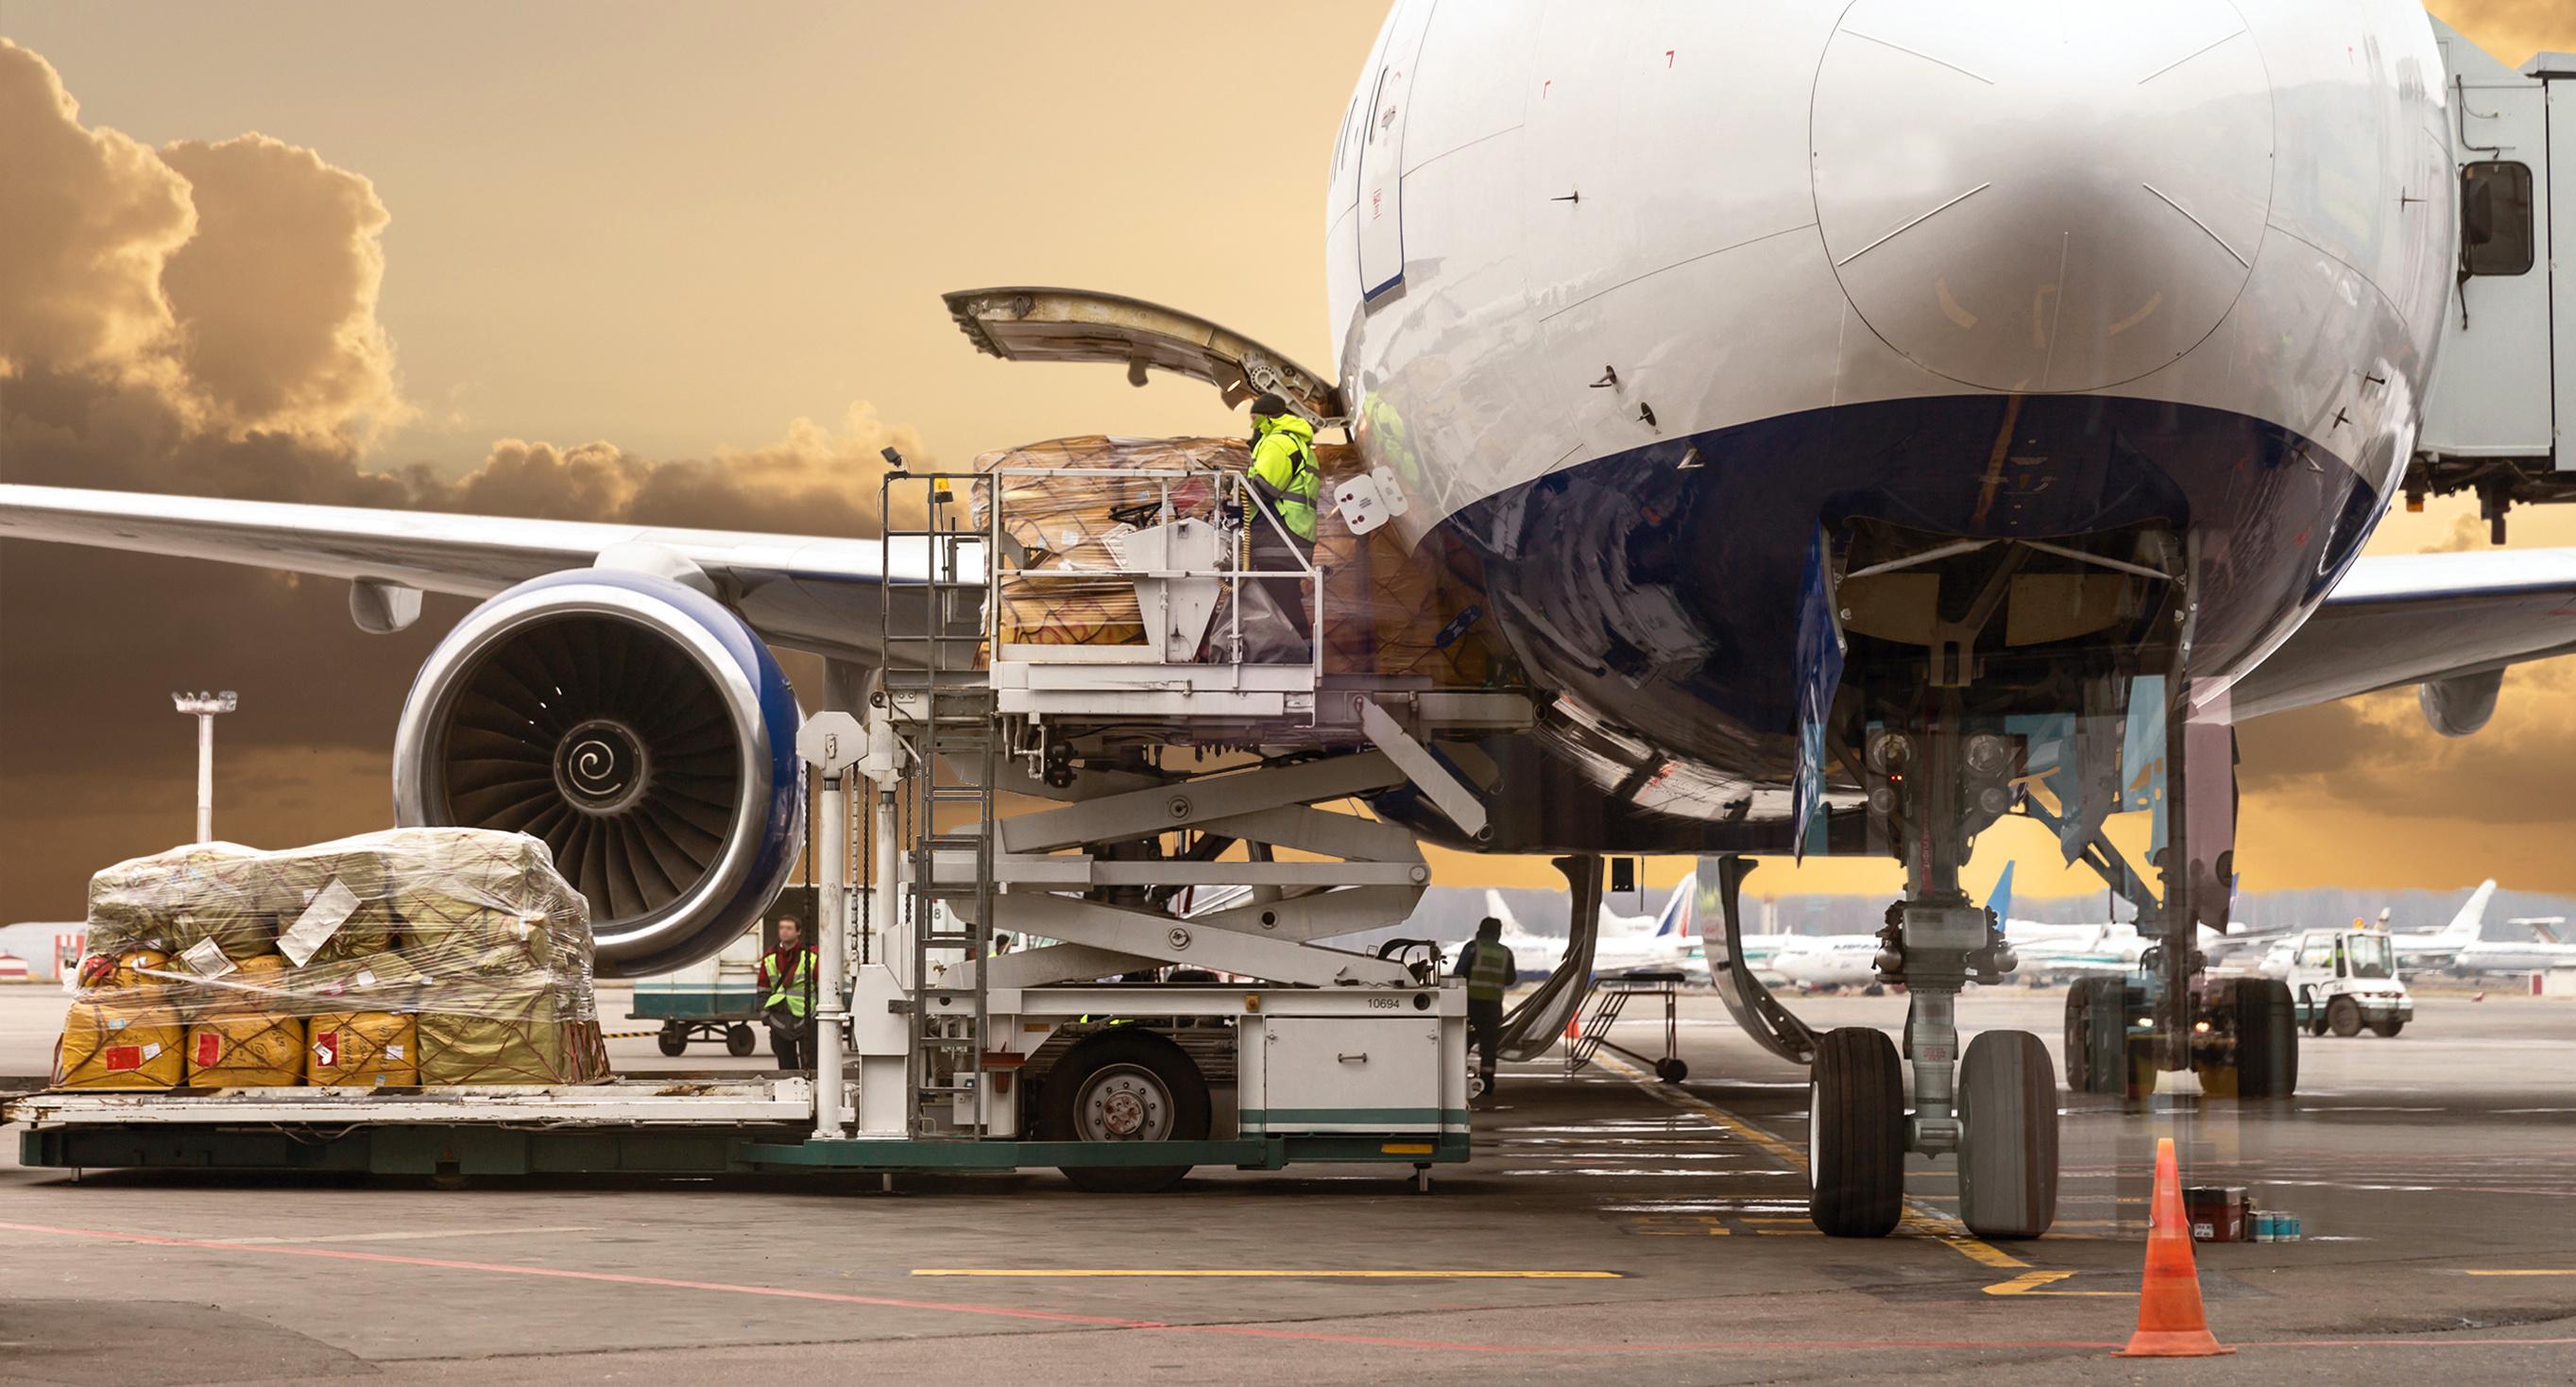 Pour vos demandes de transport aérien de marchandises, contactez Artheau Aviation !